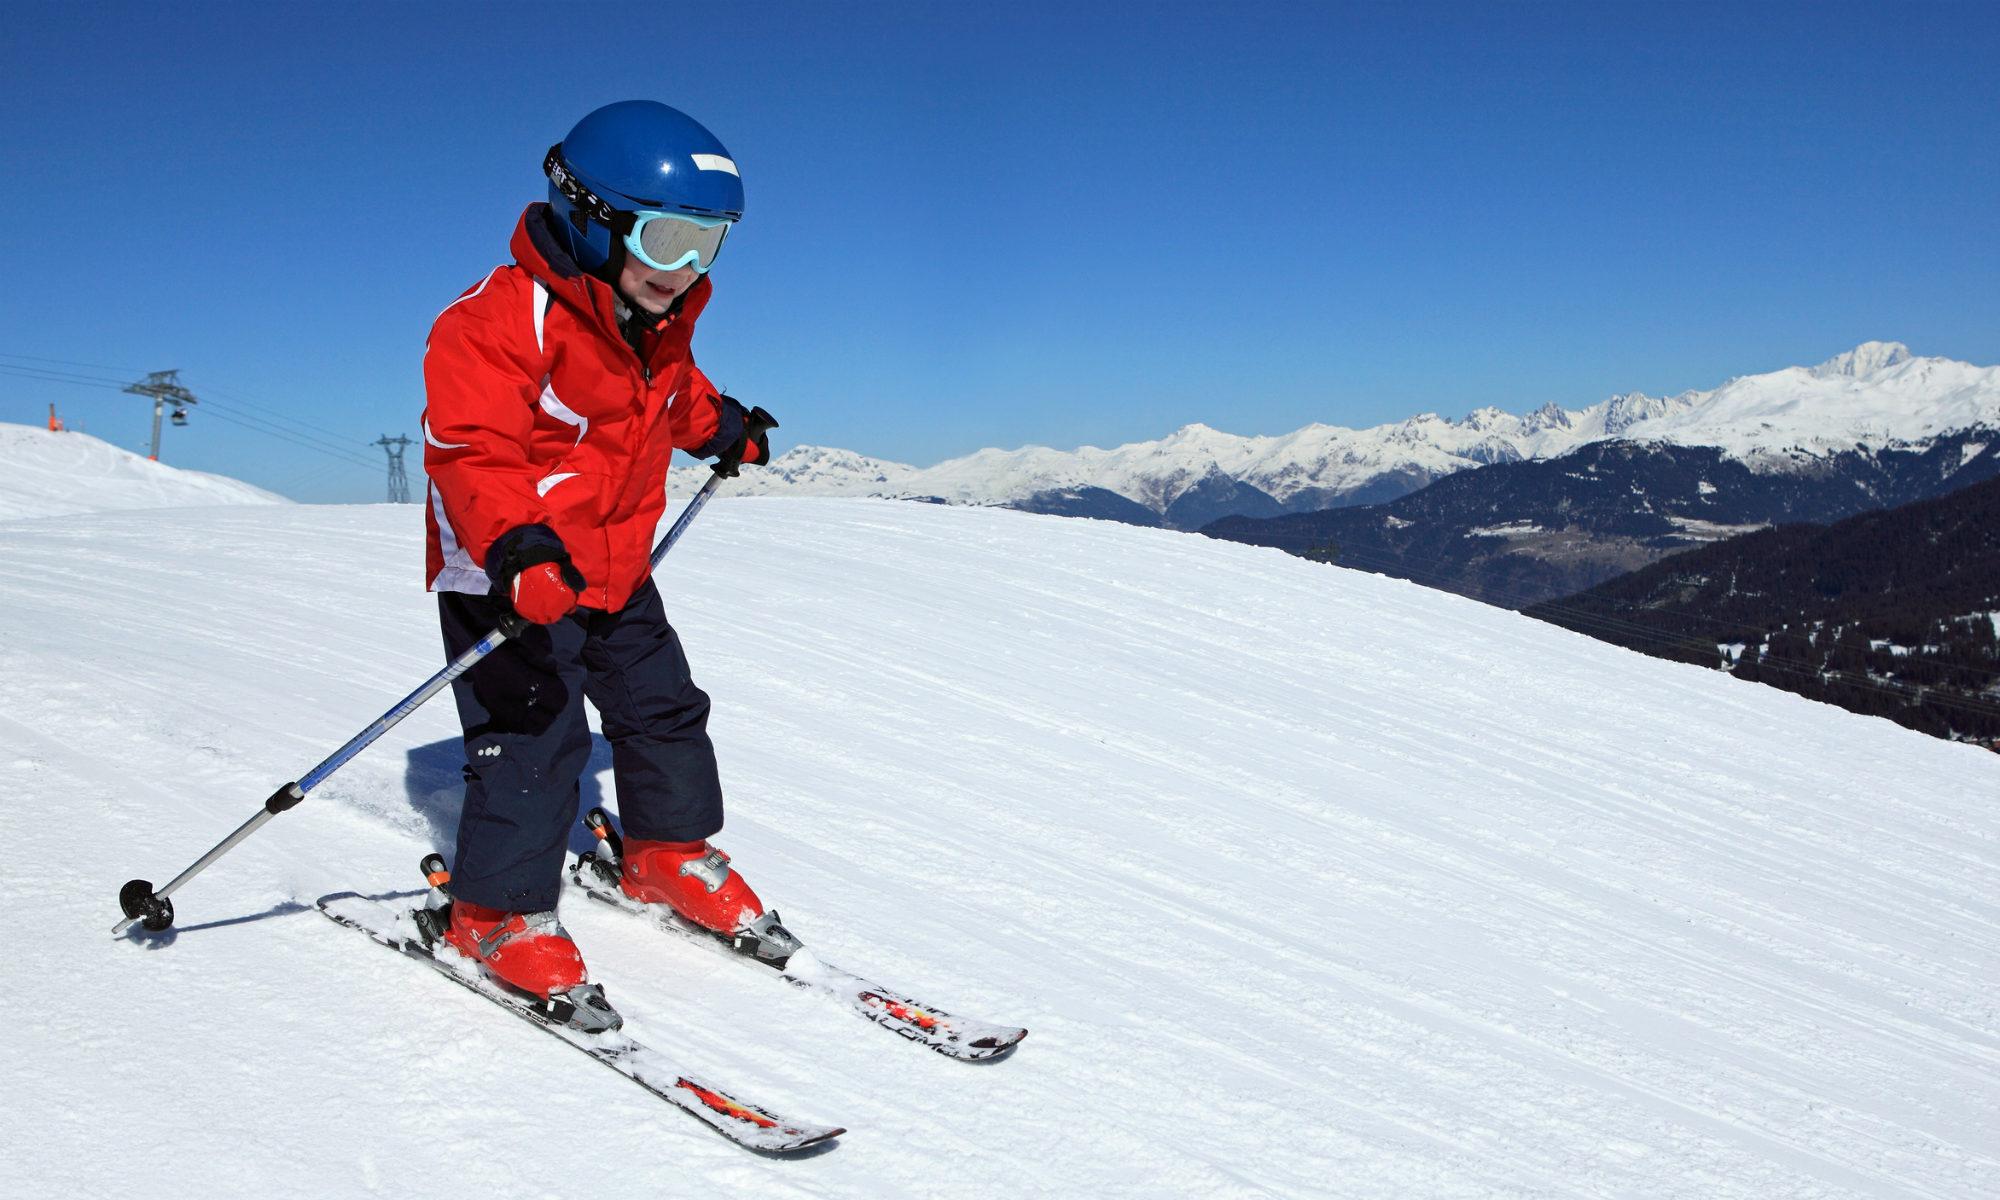 Un bambino che scia su una pista di difficoltà media.